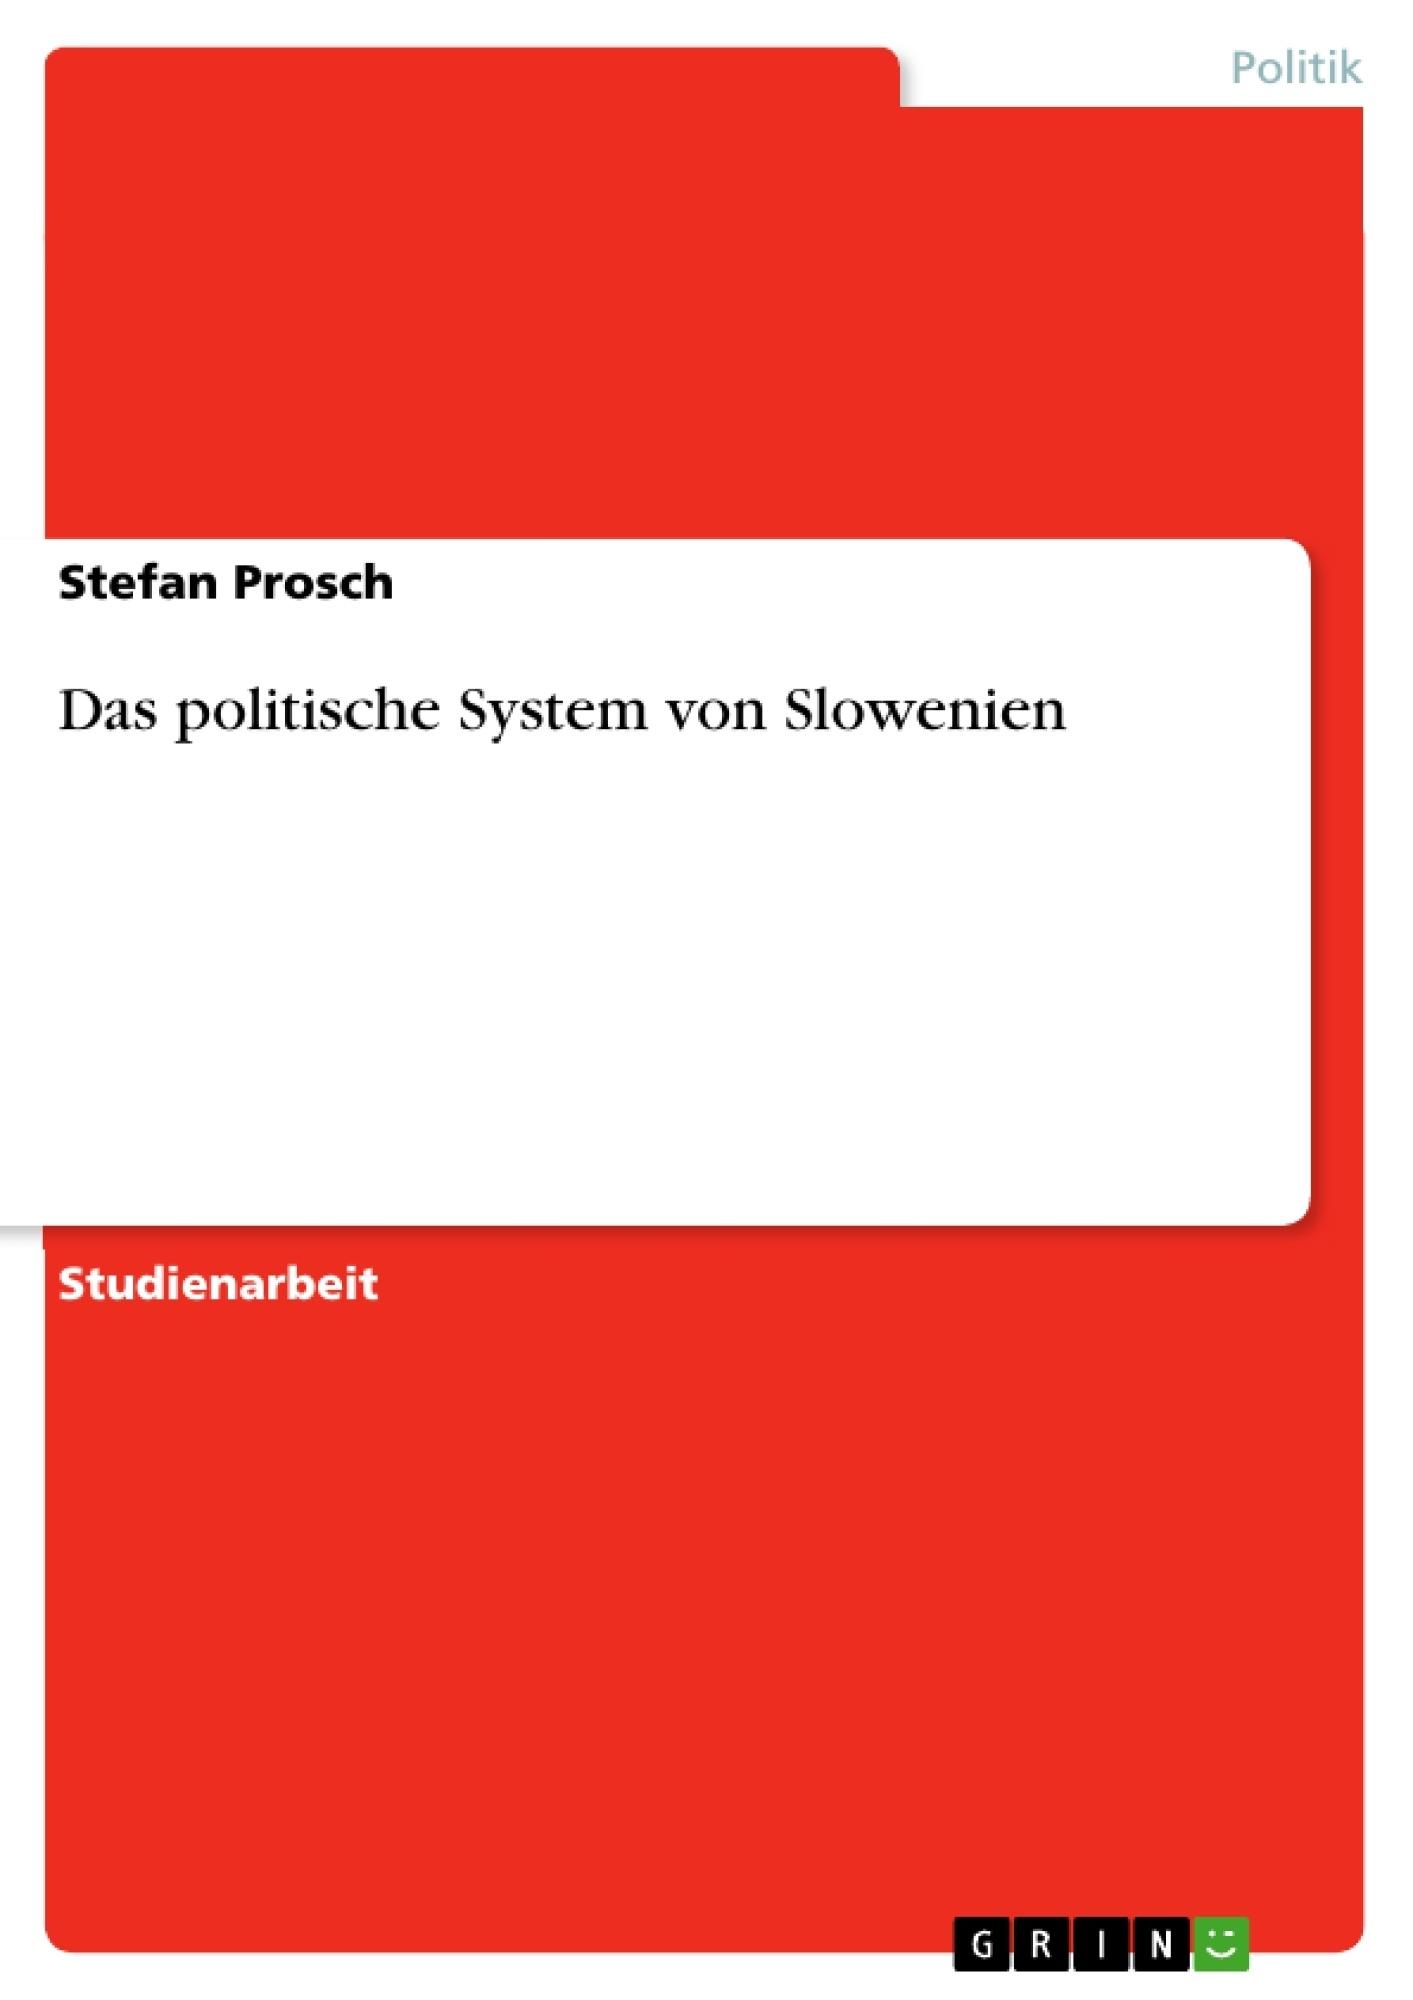 Titel: Das politische System von Slowenien